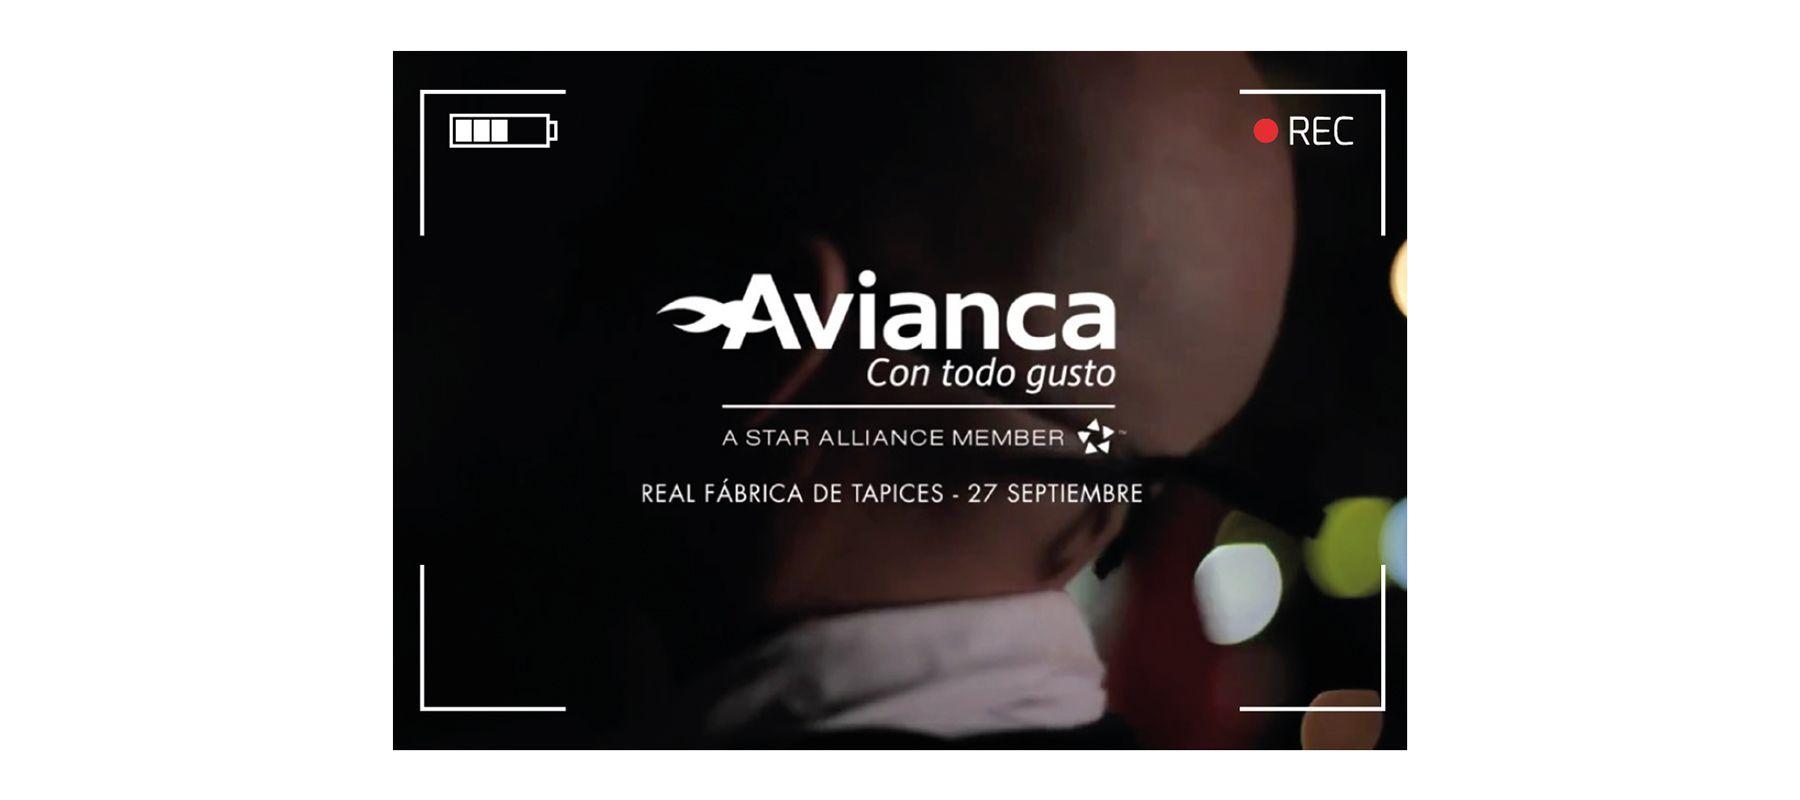 COMUNICACIÓN-Avianca